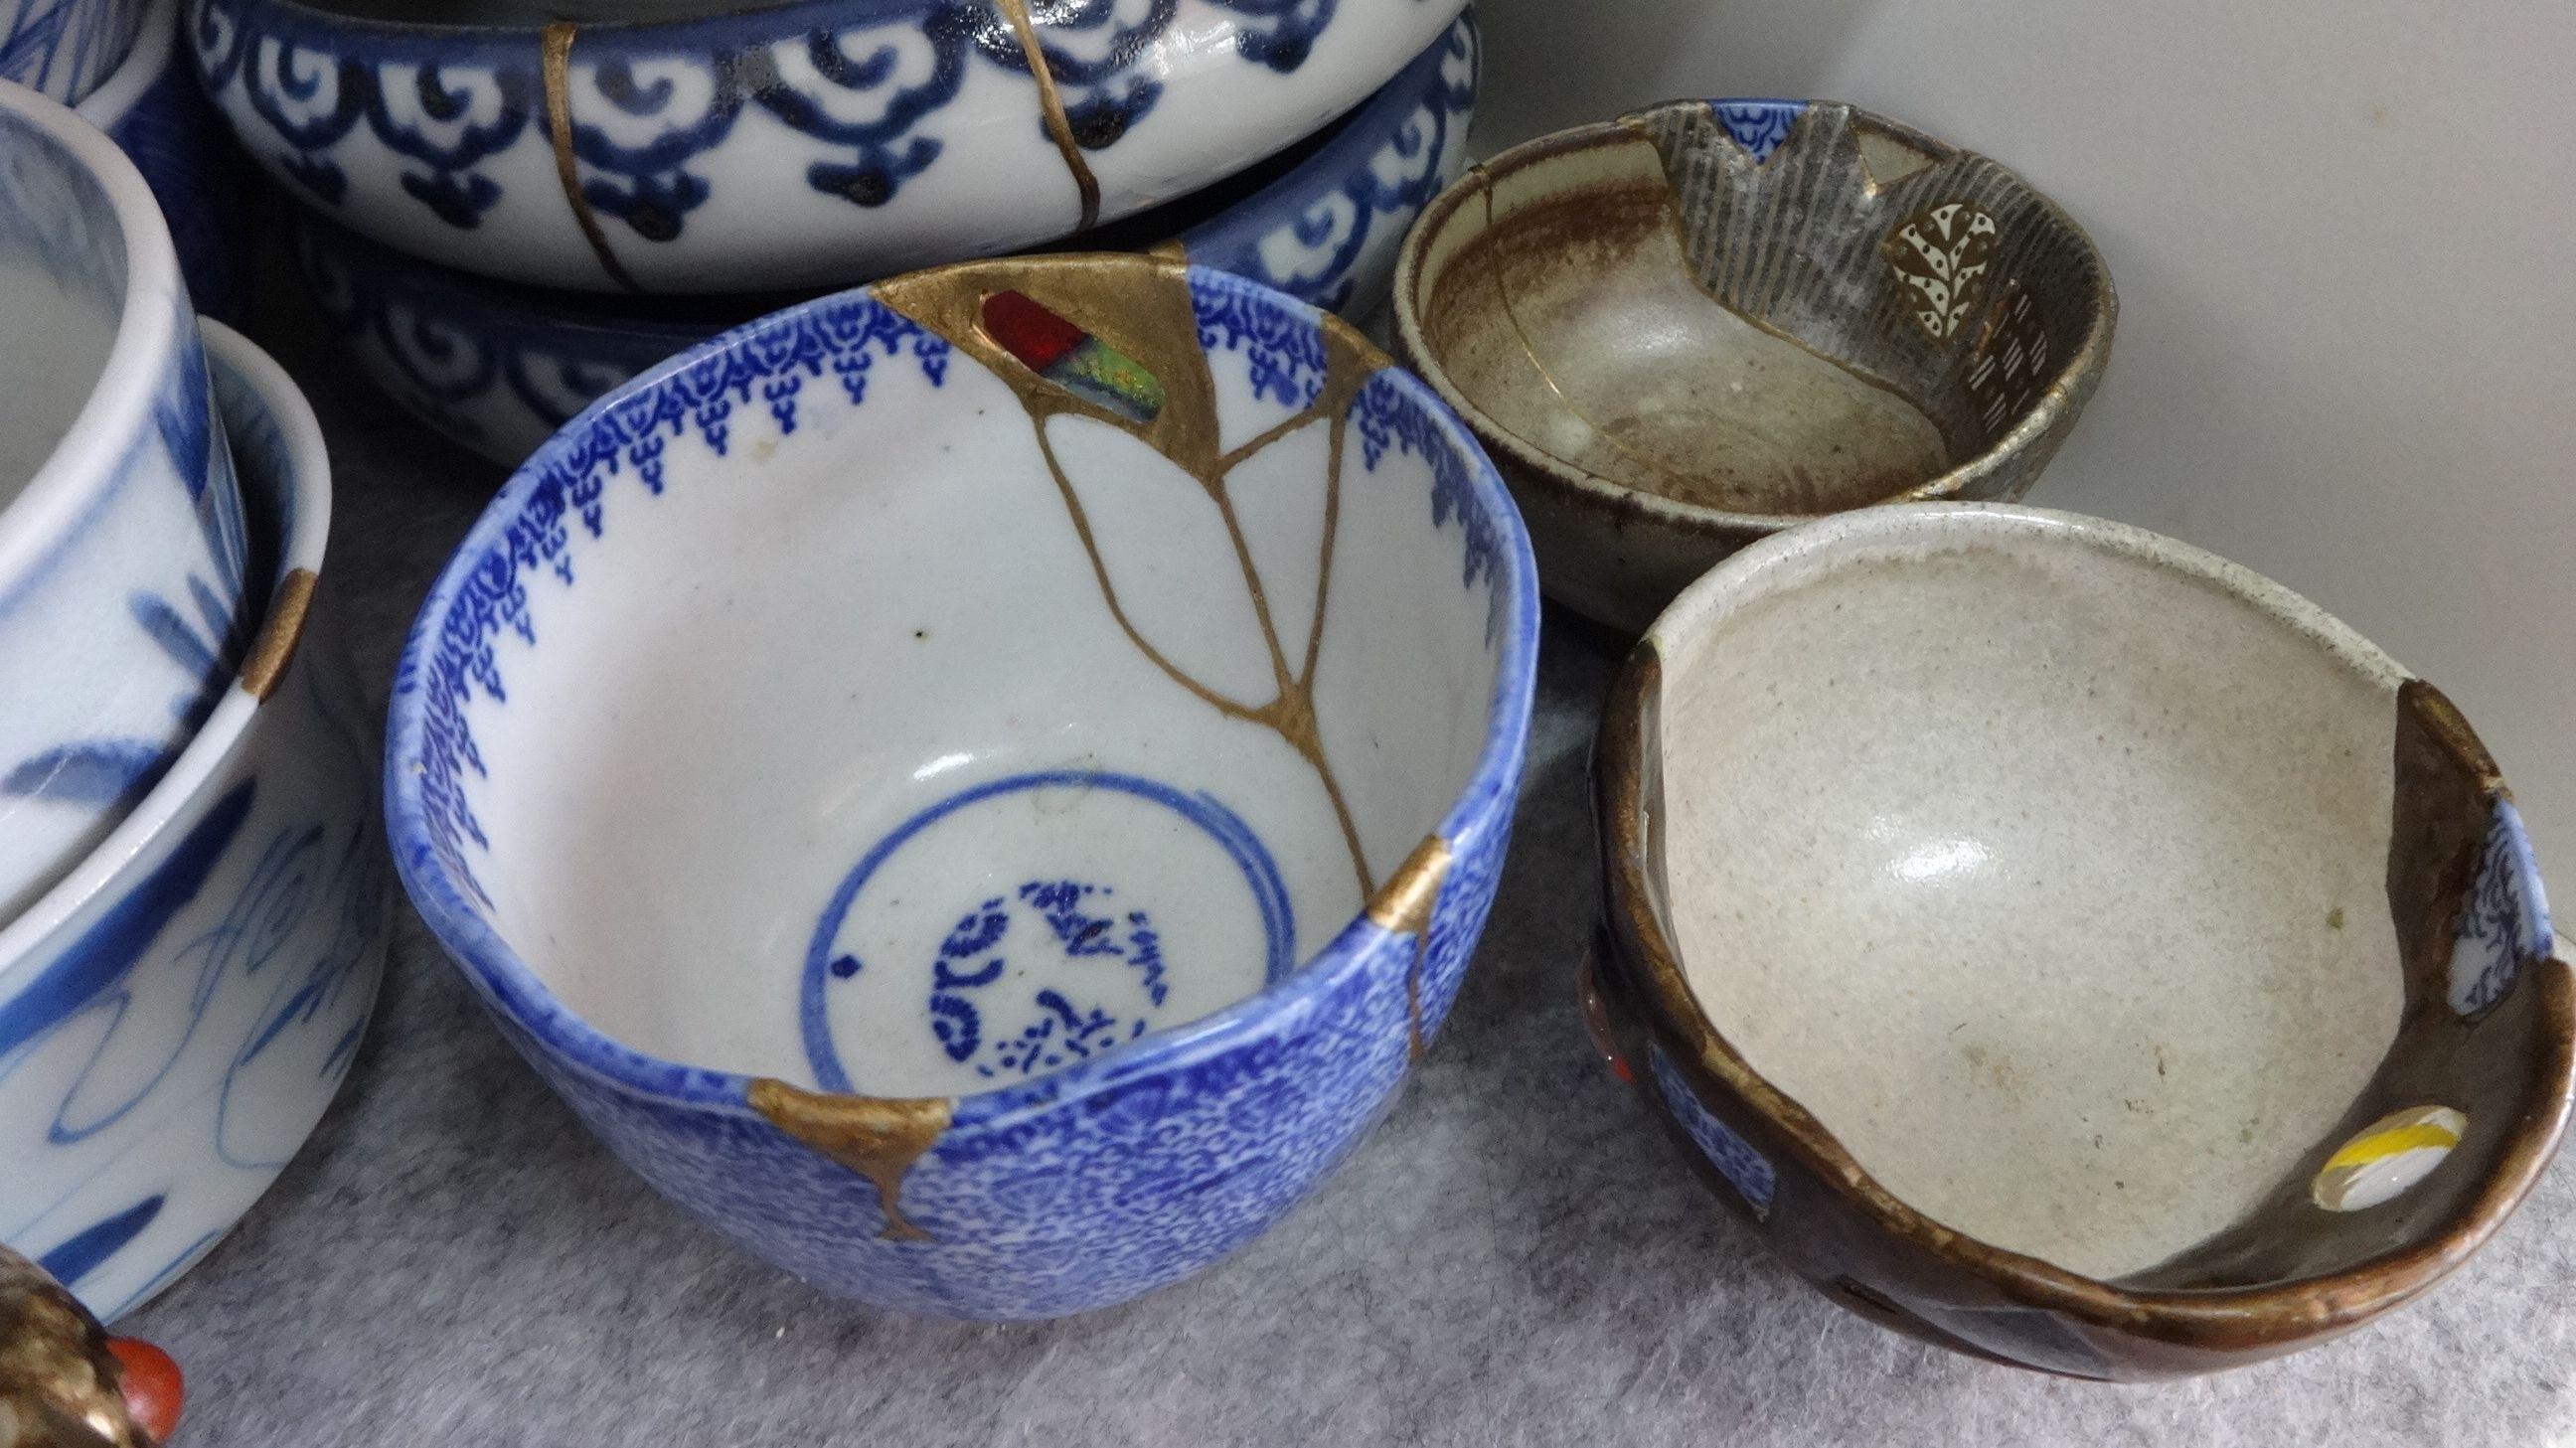 """""""Kintsugi"""" nennt sich eine japanische Technik gebrochenes Porzellan zu reparieren. Zu sehen ist eine Keramik Schüssel die mir Goldmasse gekittet ist."""